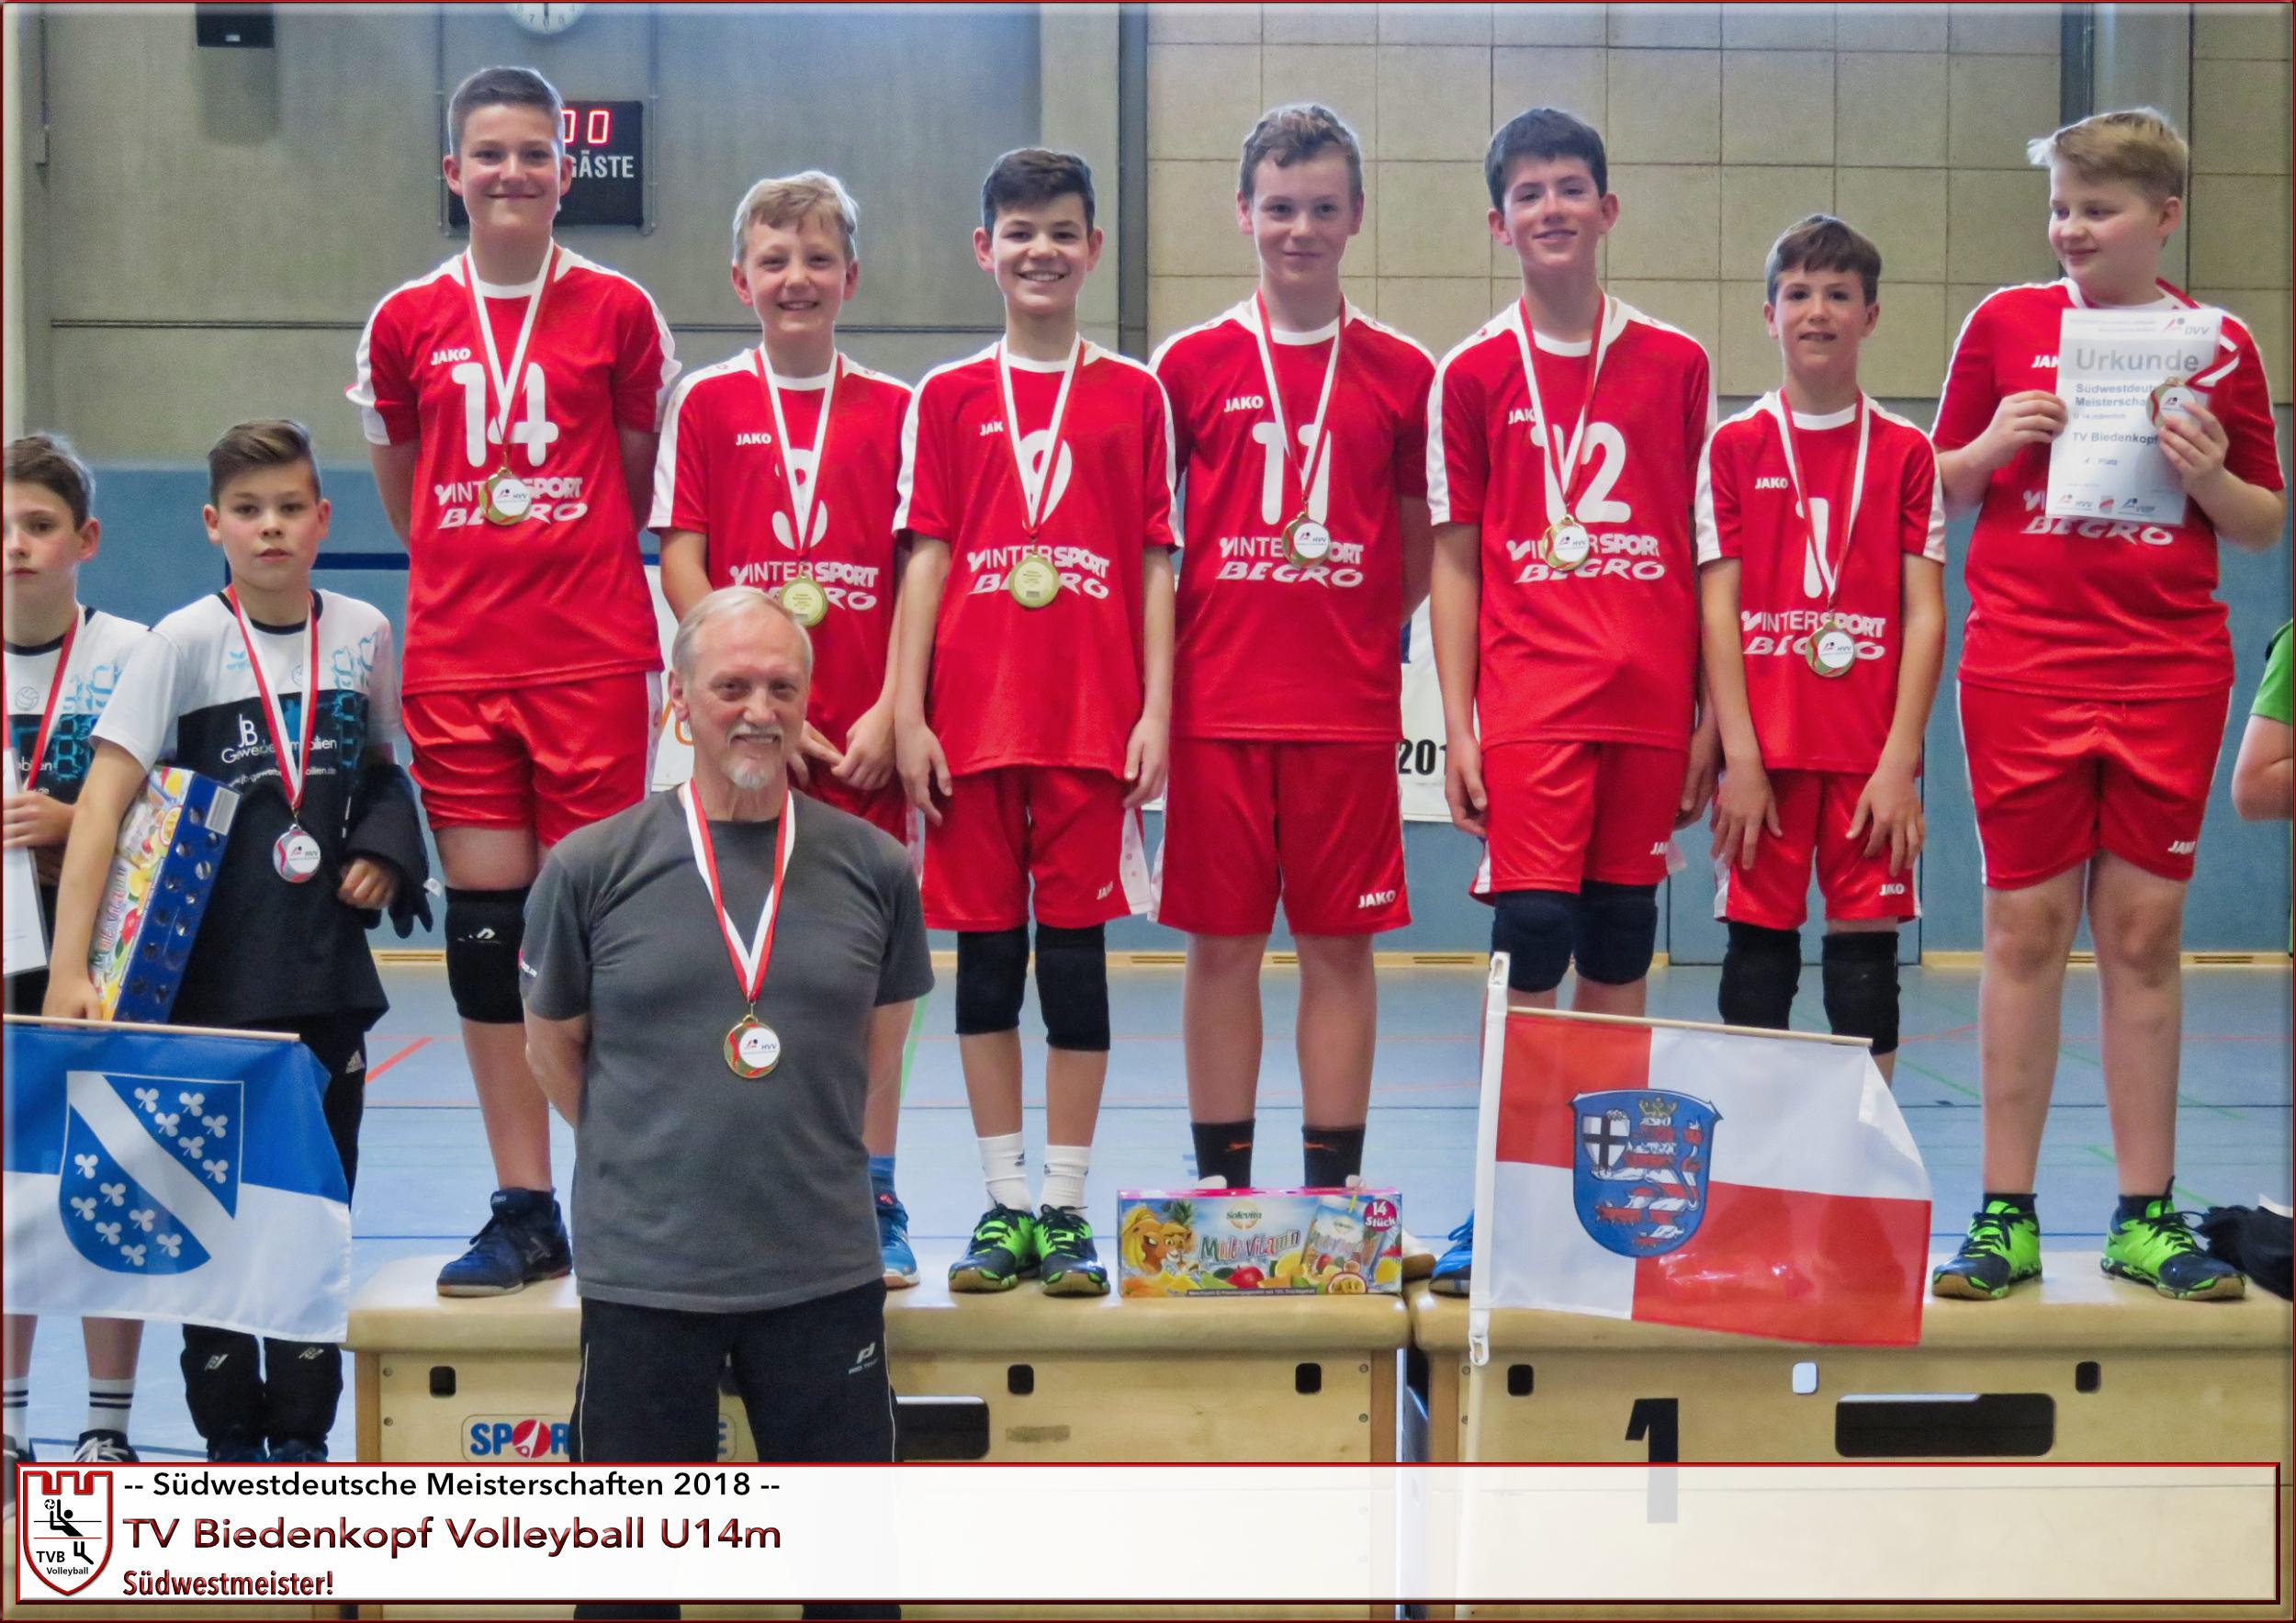 U14m | TVB Volleyball Südwestdeutsche Meisterschaften Siegerehrung